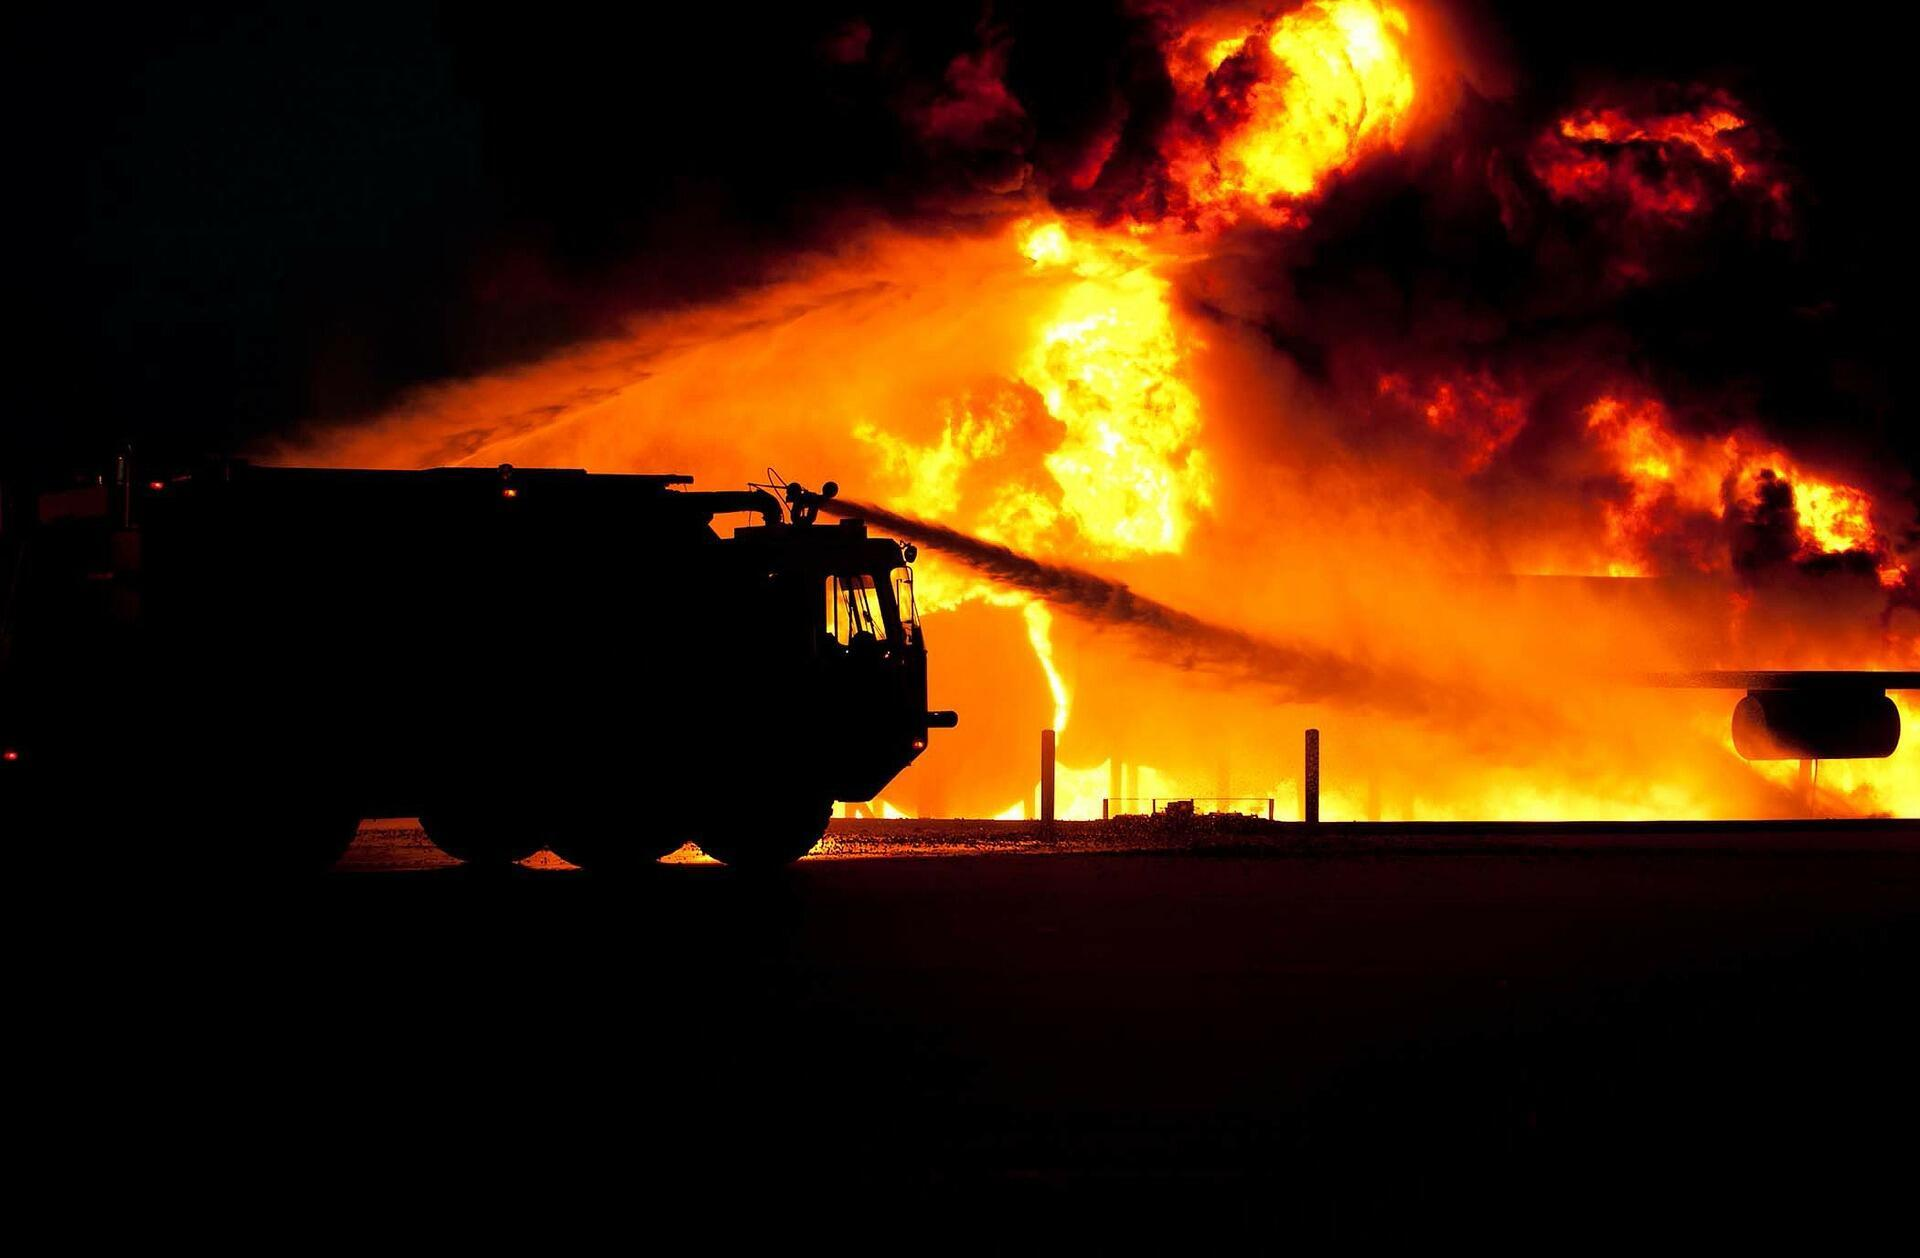 fire-165575_1920